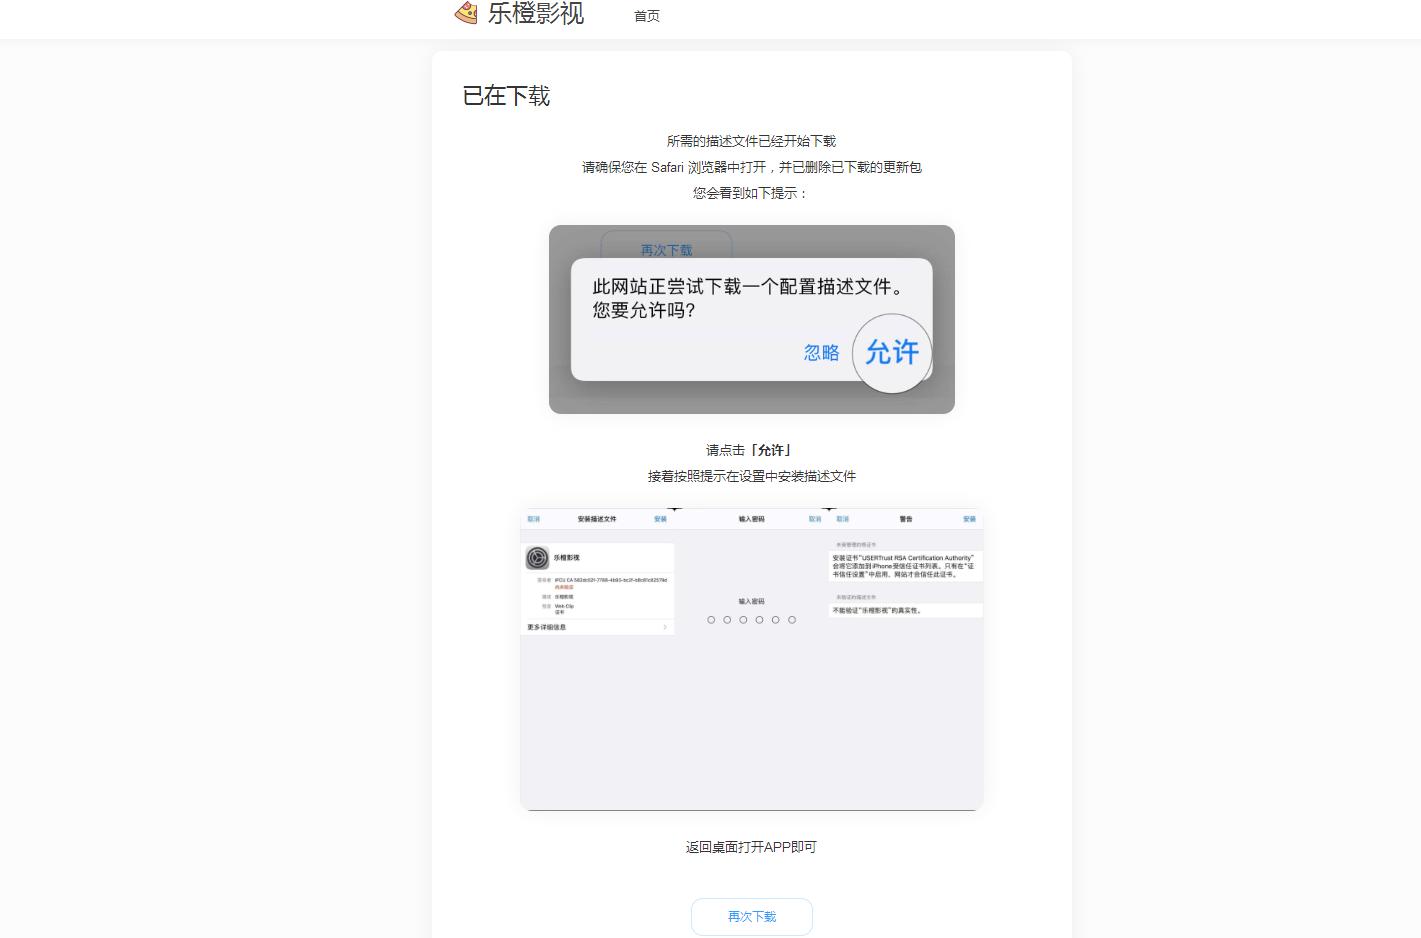 一个简单的APP下载界面包含(文件描述页面)